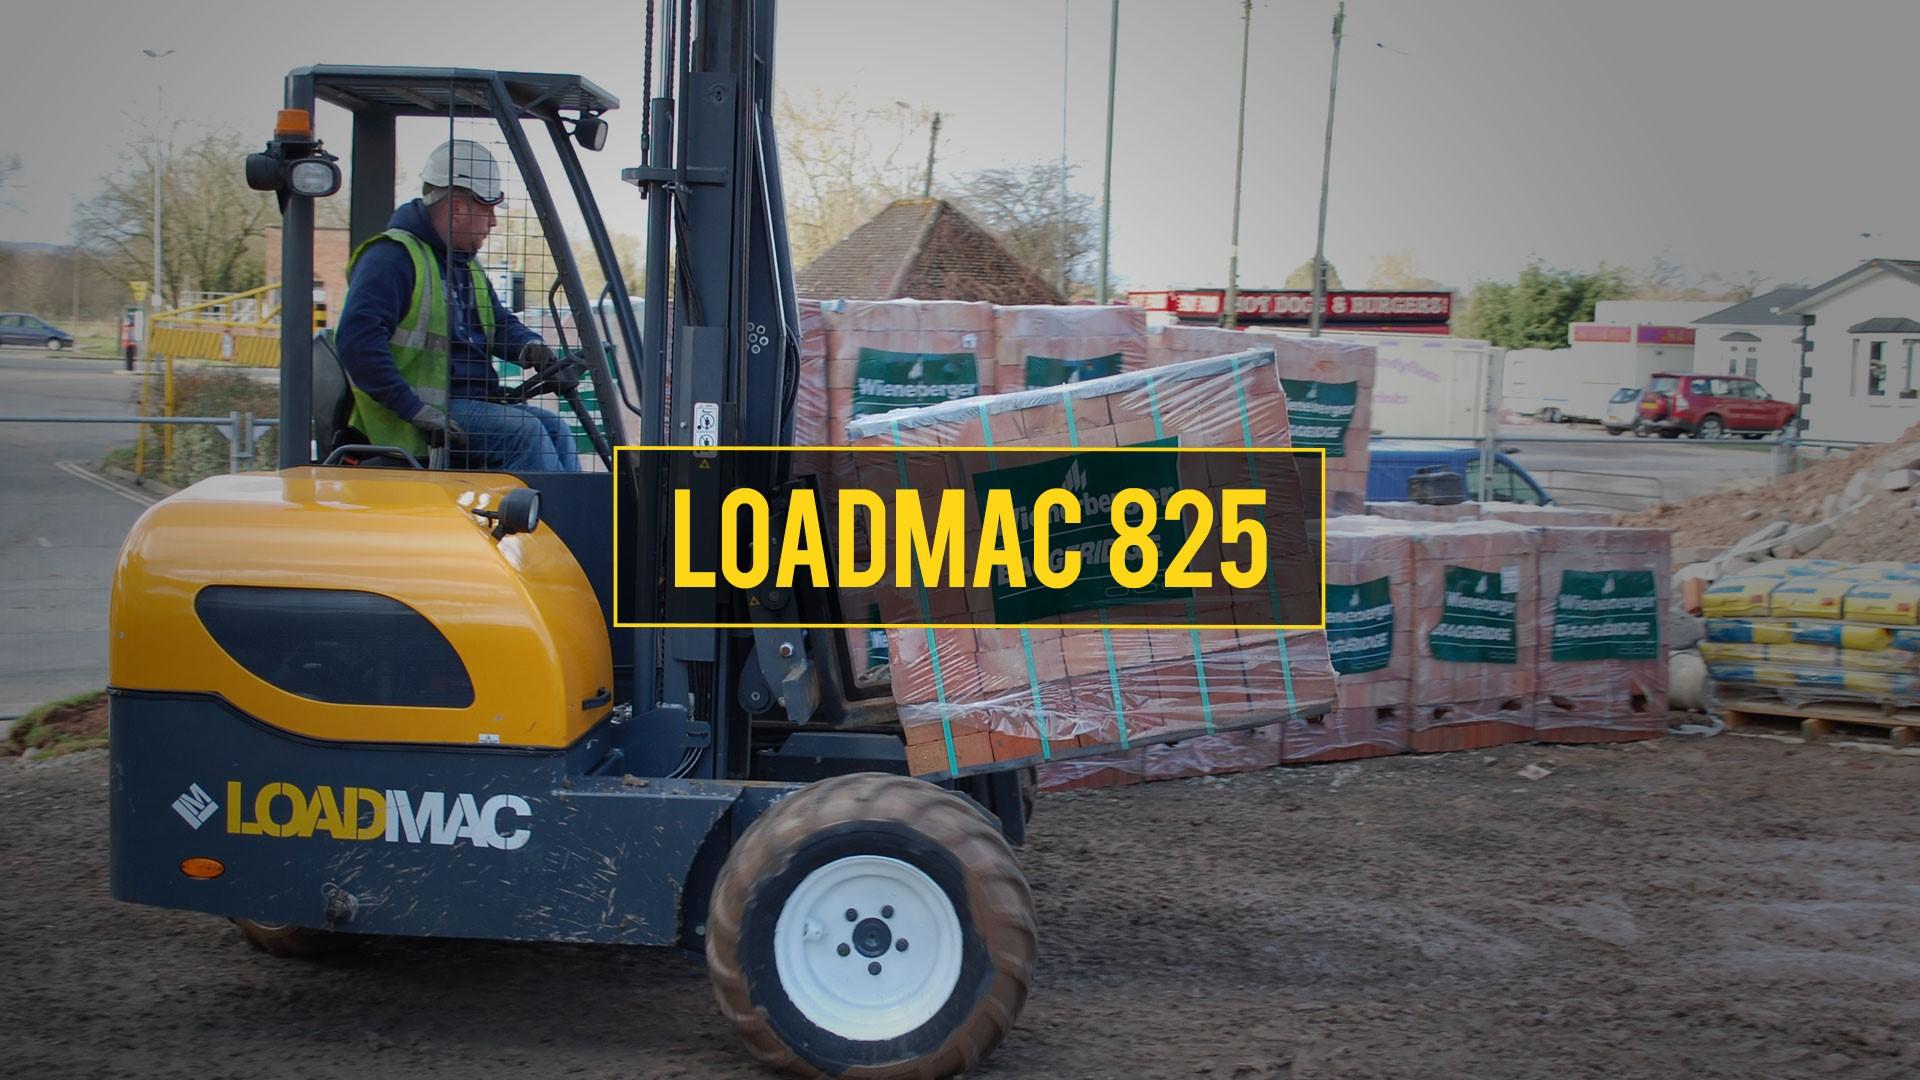 Loadmac 825.jpg